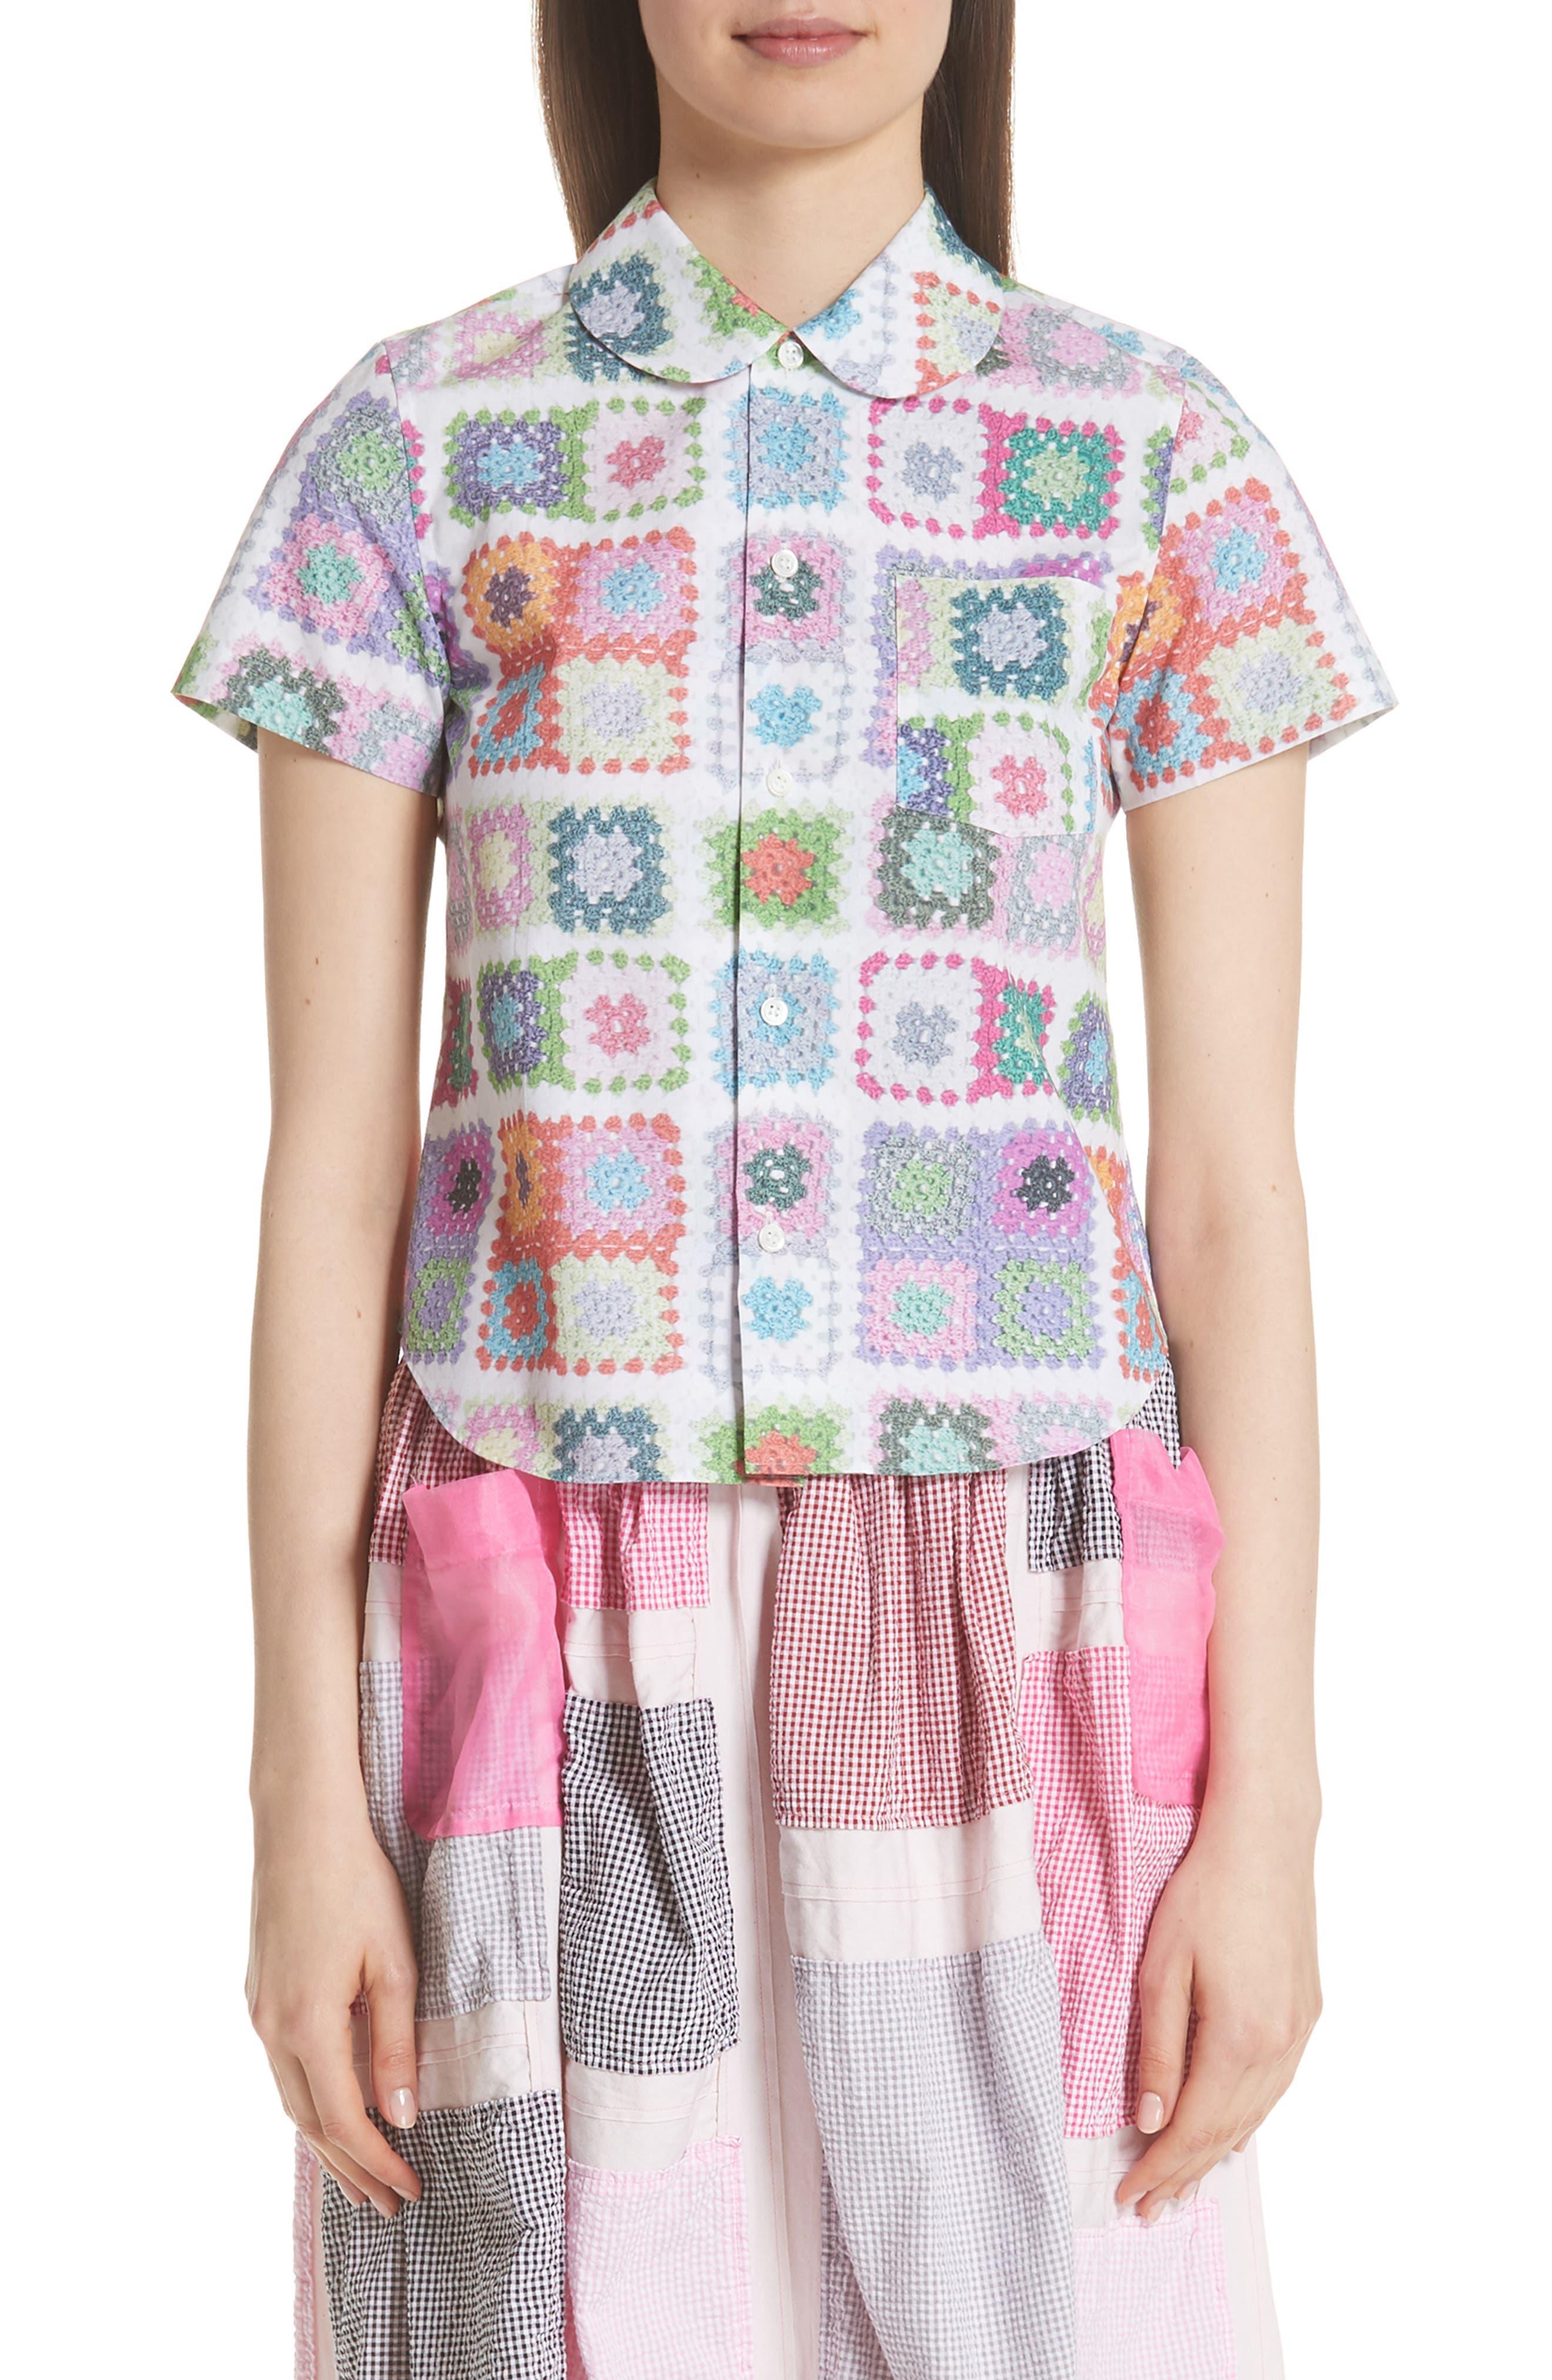 Tricot Comme des Garçons Crochet Print Top